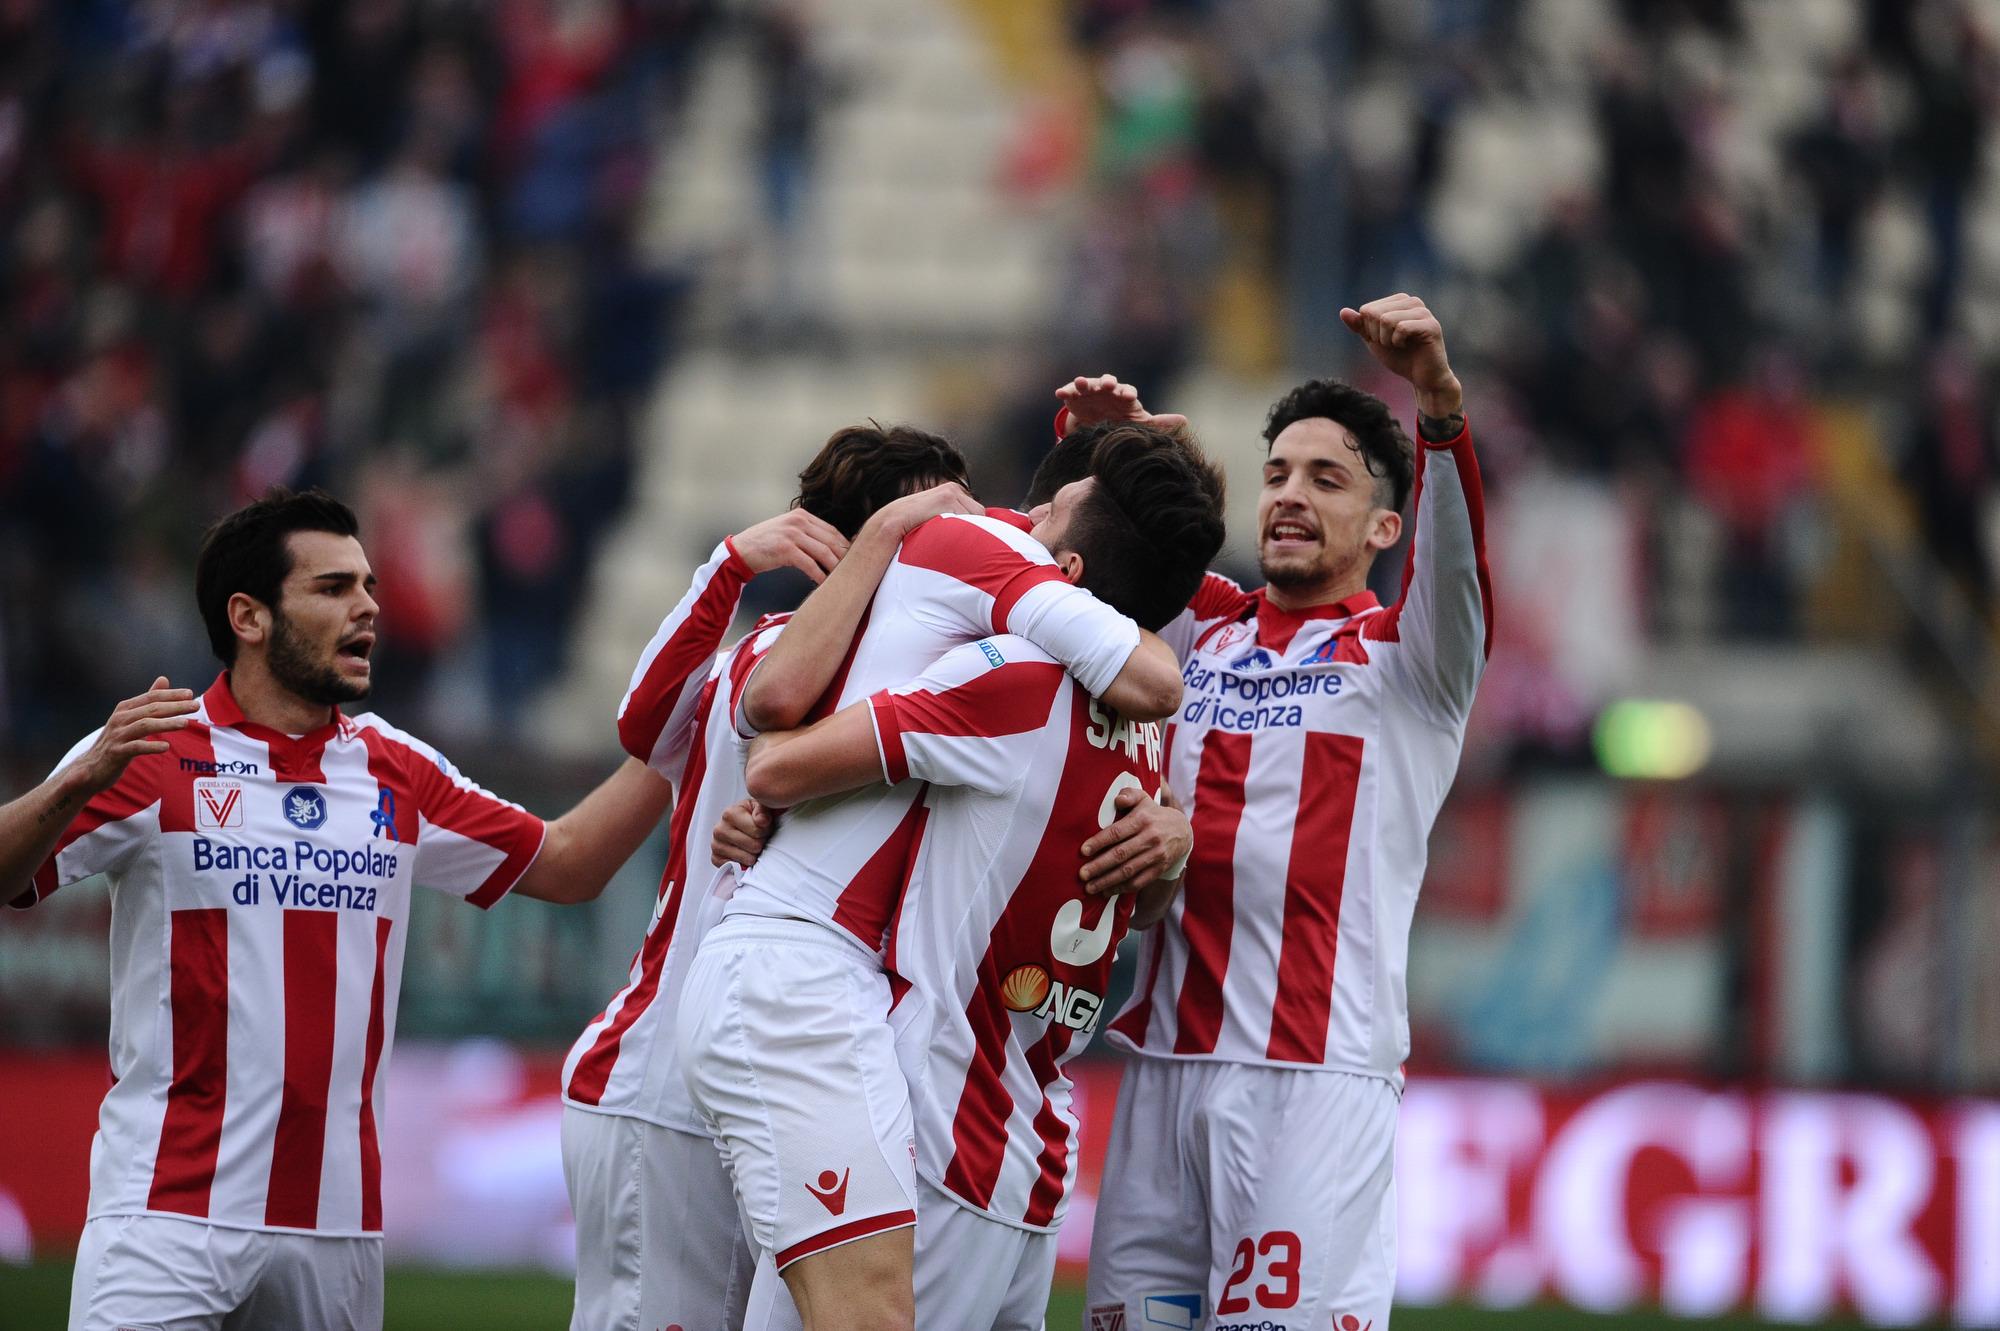 Cocco gol, il Vicenza batte l'Avellino e vola al secondo posto